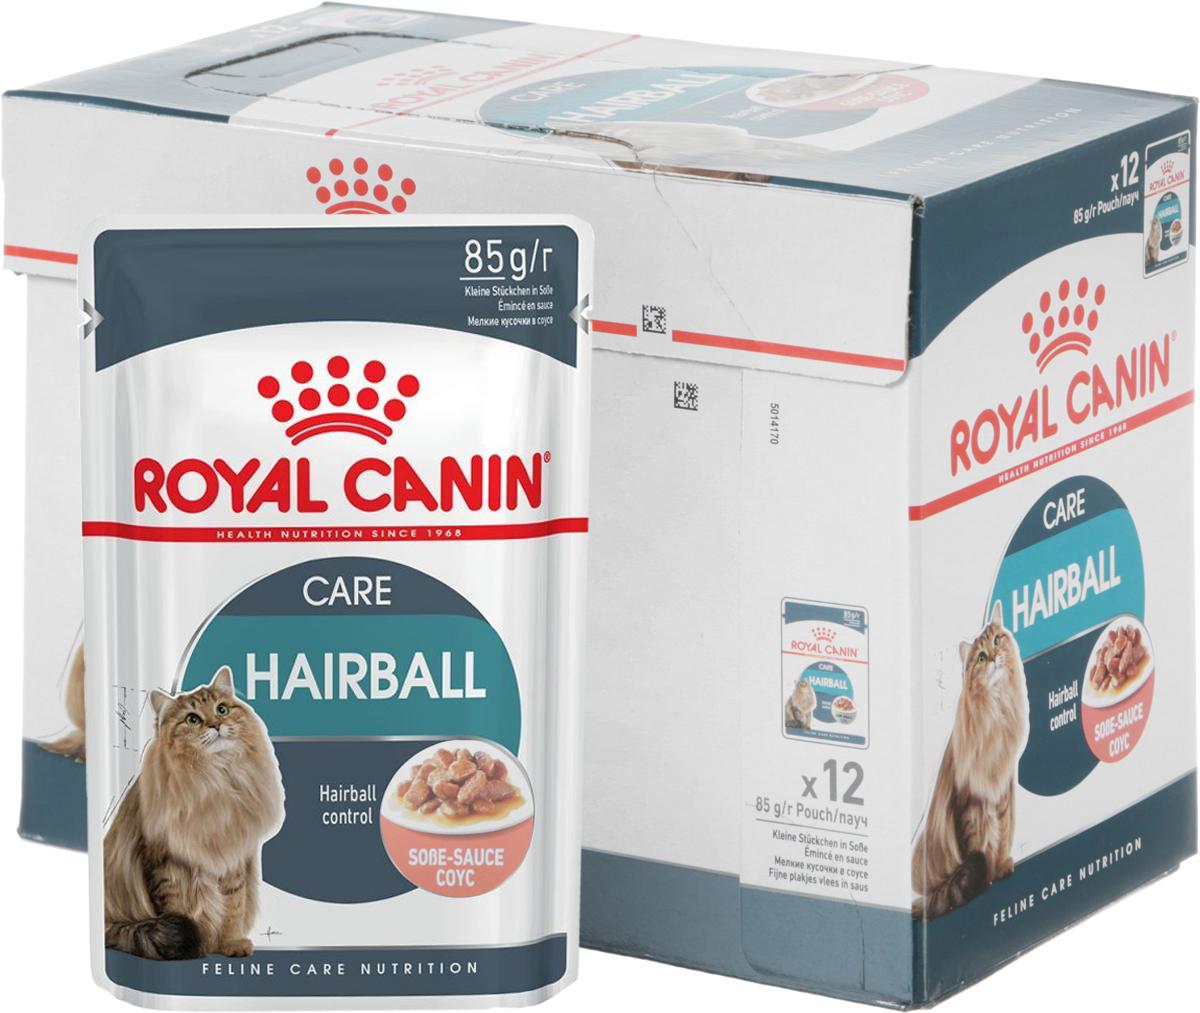 Консервы Royal Canin Hairball Care, для взрослых кошек, мелкие кусочки в соусе, 85 г, 12 шт59641Консервы Royal Canin Hairball Care, специально созданные для взрослых кошек, способствуют выведению волосяных комочков. Кошки уделяют очень много времени уходу за шерстью. Они спонтанно проглатывают большое количество выпавшей шерсти, которая имеет тенденцию скапливаться в желудочно-кишечном тракте, формируя волосяные комочки. Часто это приводит к рвоте или чувству дискомфорта в кишечнике.Hairball Care - тщательно сбалансированная формула, помогающая естественным образом снизить риск образования волосяных комочков. Эксклюзивный комплекс, включающий комбинацию различных видов пищевой клетчатки, в том числе семя подорожника Psyllium, богатое растительной слизью, а также нерастворимую клетчатку, способствует стимуляции кишечного транзита. В результате проглоченная шерсть не скапливается в желудке и не отрыгивается, а регулярно выводится с фекалиями через кишечник.Баланс минеральных веществ продукта поддерживает здоровье мочевыводящих путей взрослой кошки. Состав: мясо и мясные субпродукты, злаки, субпродукты растительного происхождения, экстракты белков растительного происхождения, масла и жиры, минеральные вещества, углеводы, дрожжи. Добавки (в 1 кг): витамин D3: 150 ME, железо: 2 мг, йод: 0,3 мг, марганец: 0,6 мг, цинк: 6 мг. Товар сертифицирован.Уважаемые клиенты! Обращаем ваше внимание на возможные изменения в дизайне упаковки. Качественные характеристики товара остаются неизменными. Поставка осуществляется в зависимости от наличия на складе.